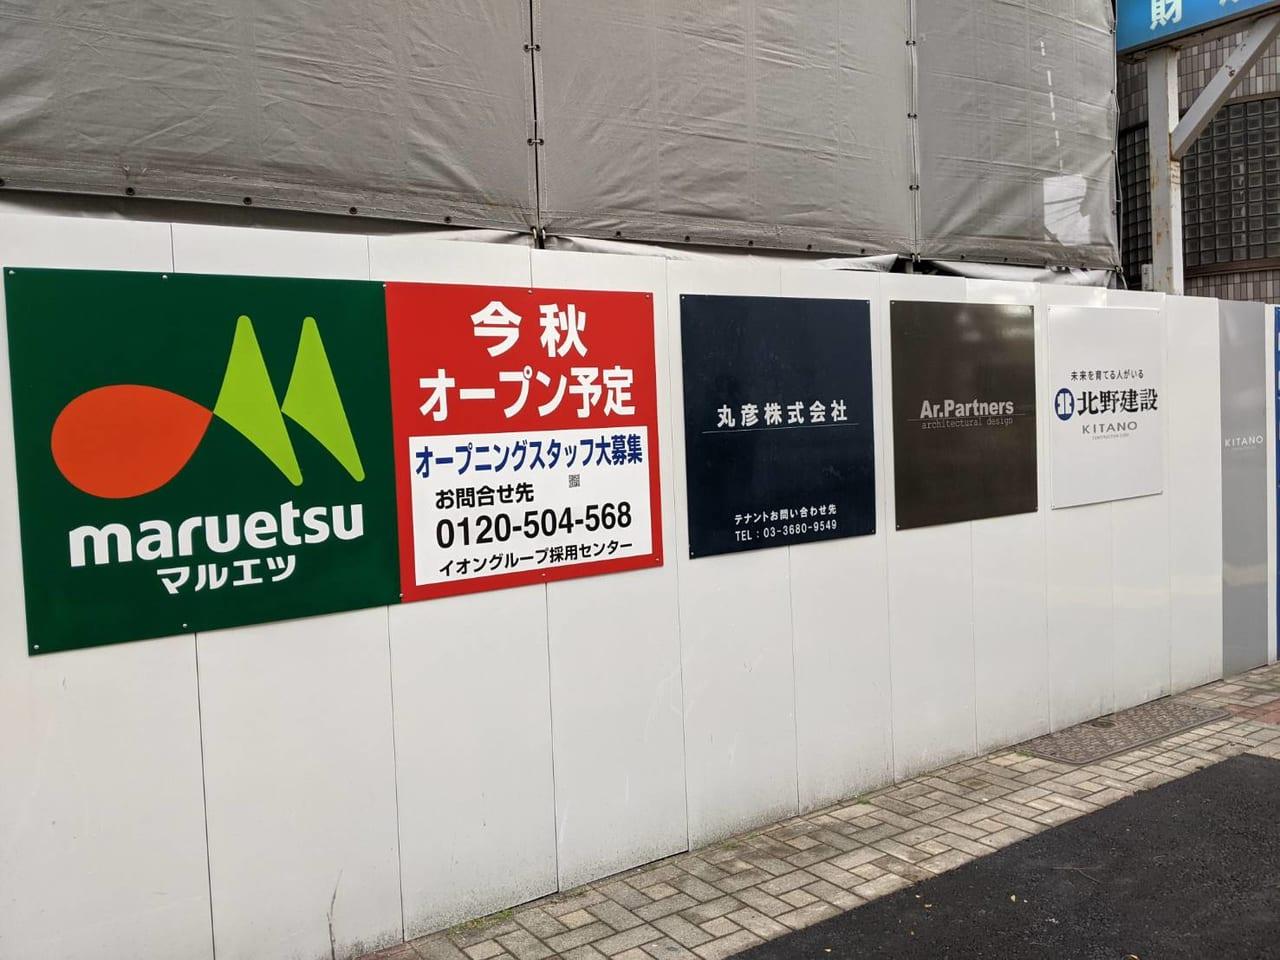 『maruetu』オープンの告知